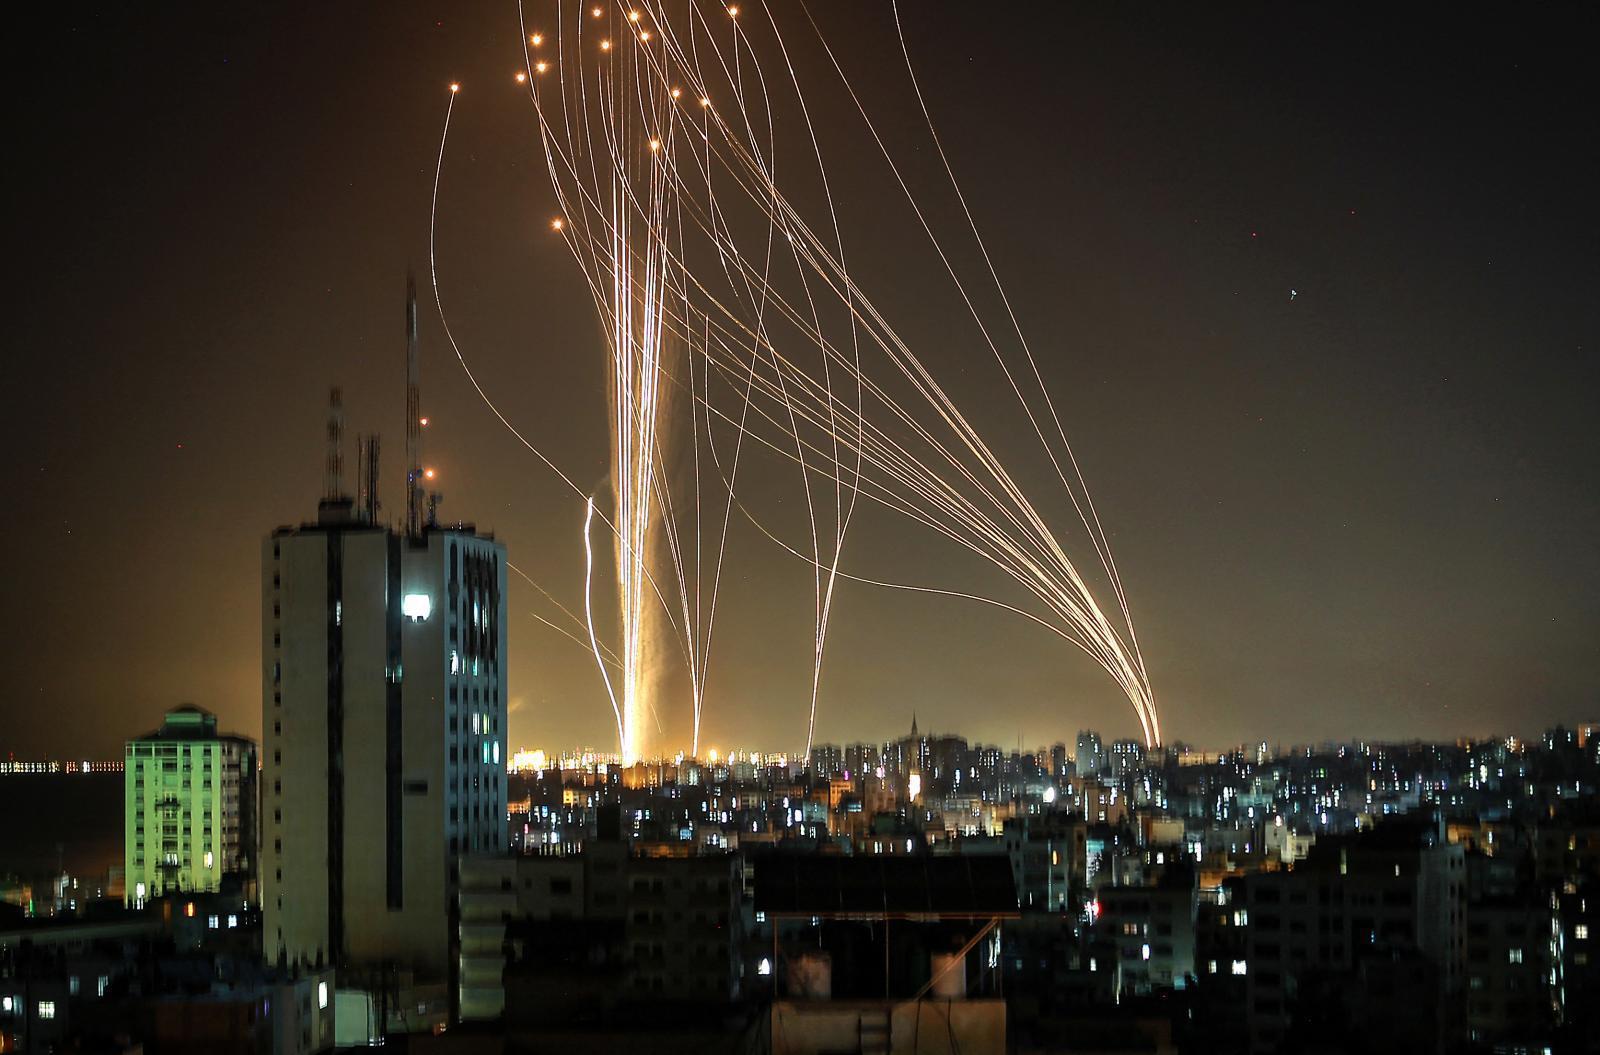 อิสราเอล-ปาเลสไตน์ถล่มกันยับ โลกหวั่นเกิดสงคราม